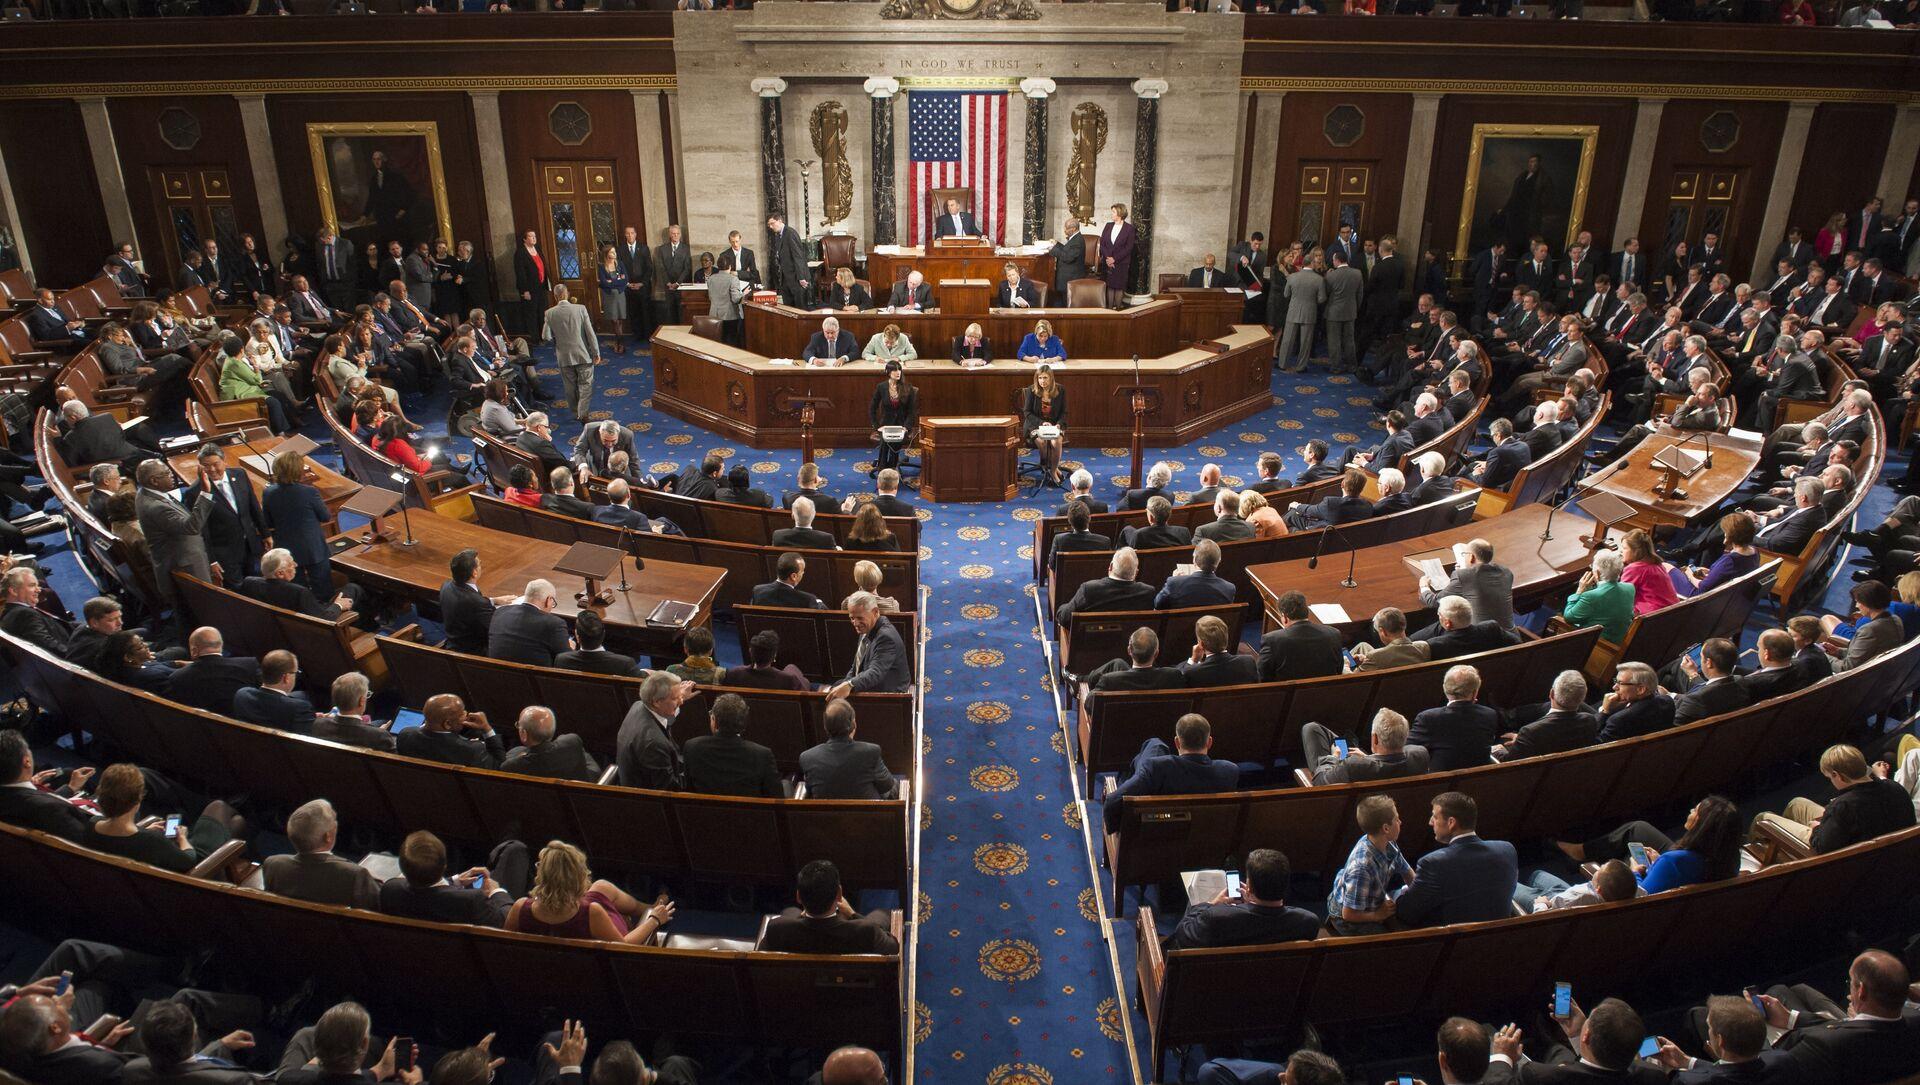 USA, decine di ex deputati repubblicani potrebbero formare un nuovo partito di centrodestra - Sputnik Italia, 1920, 11.02.2021